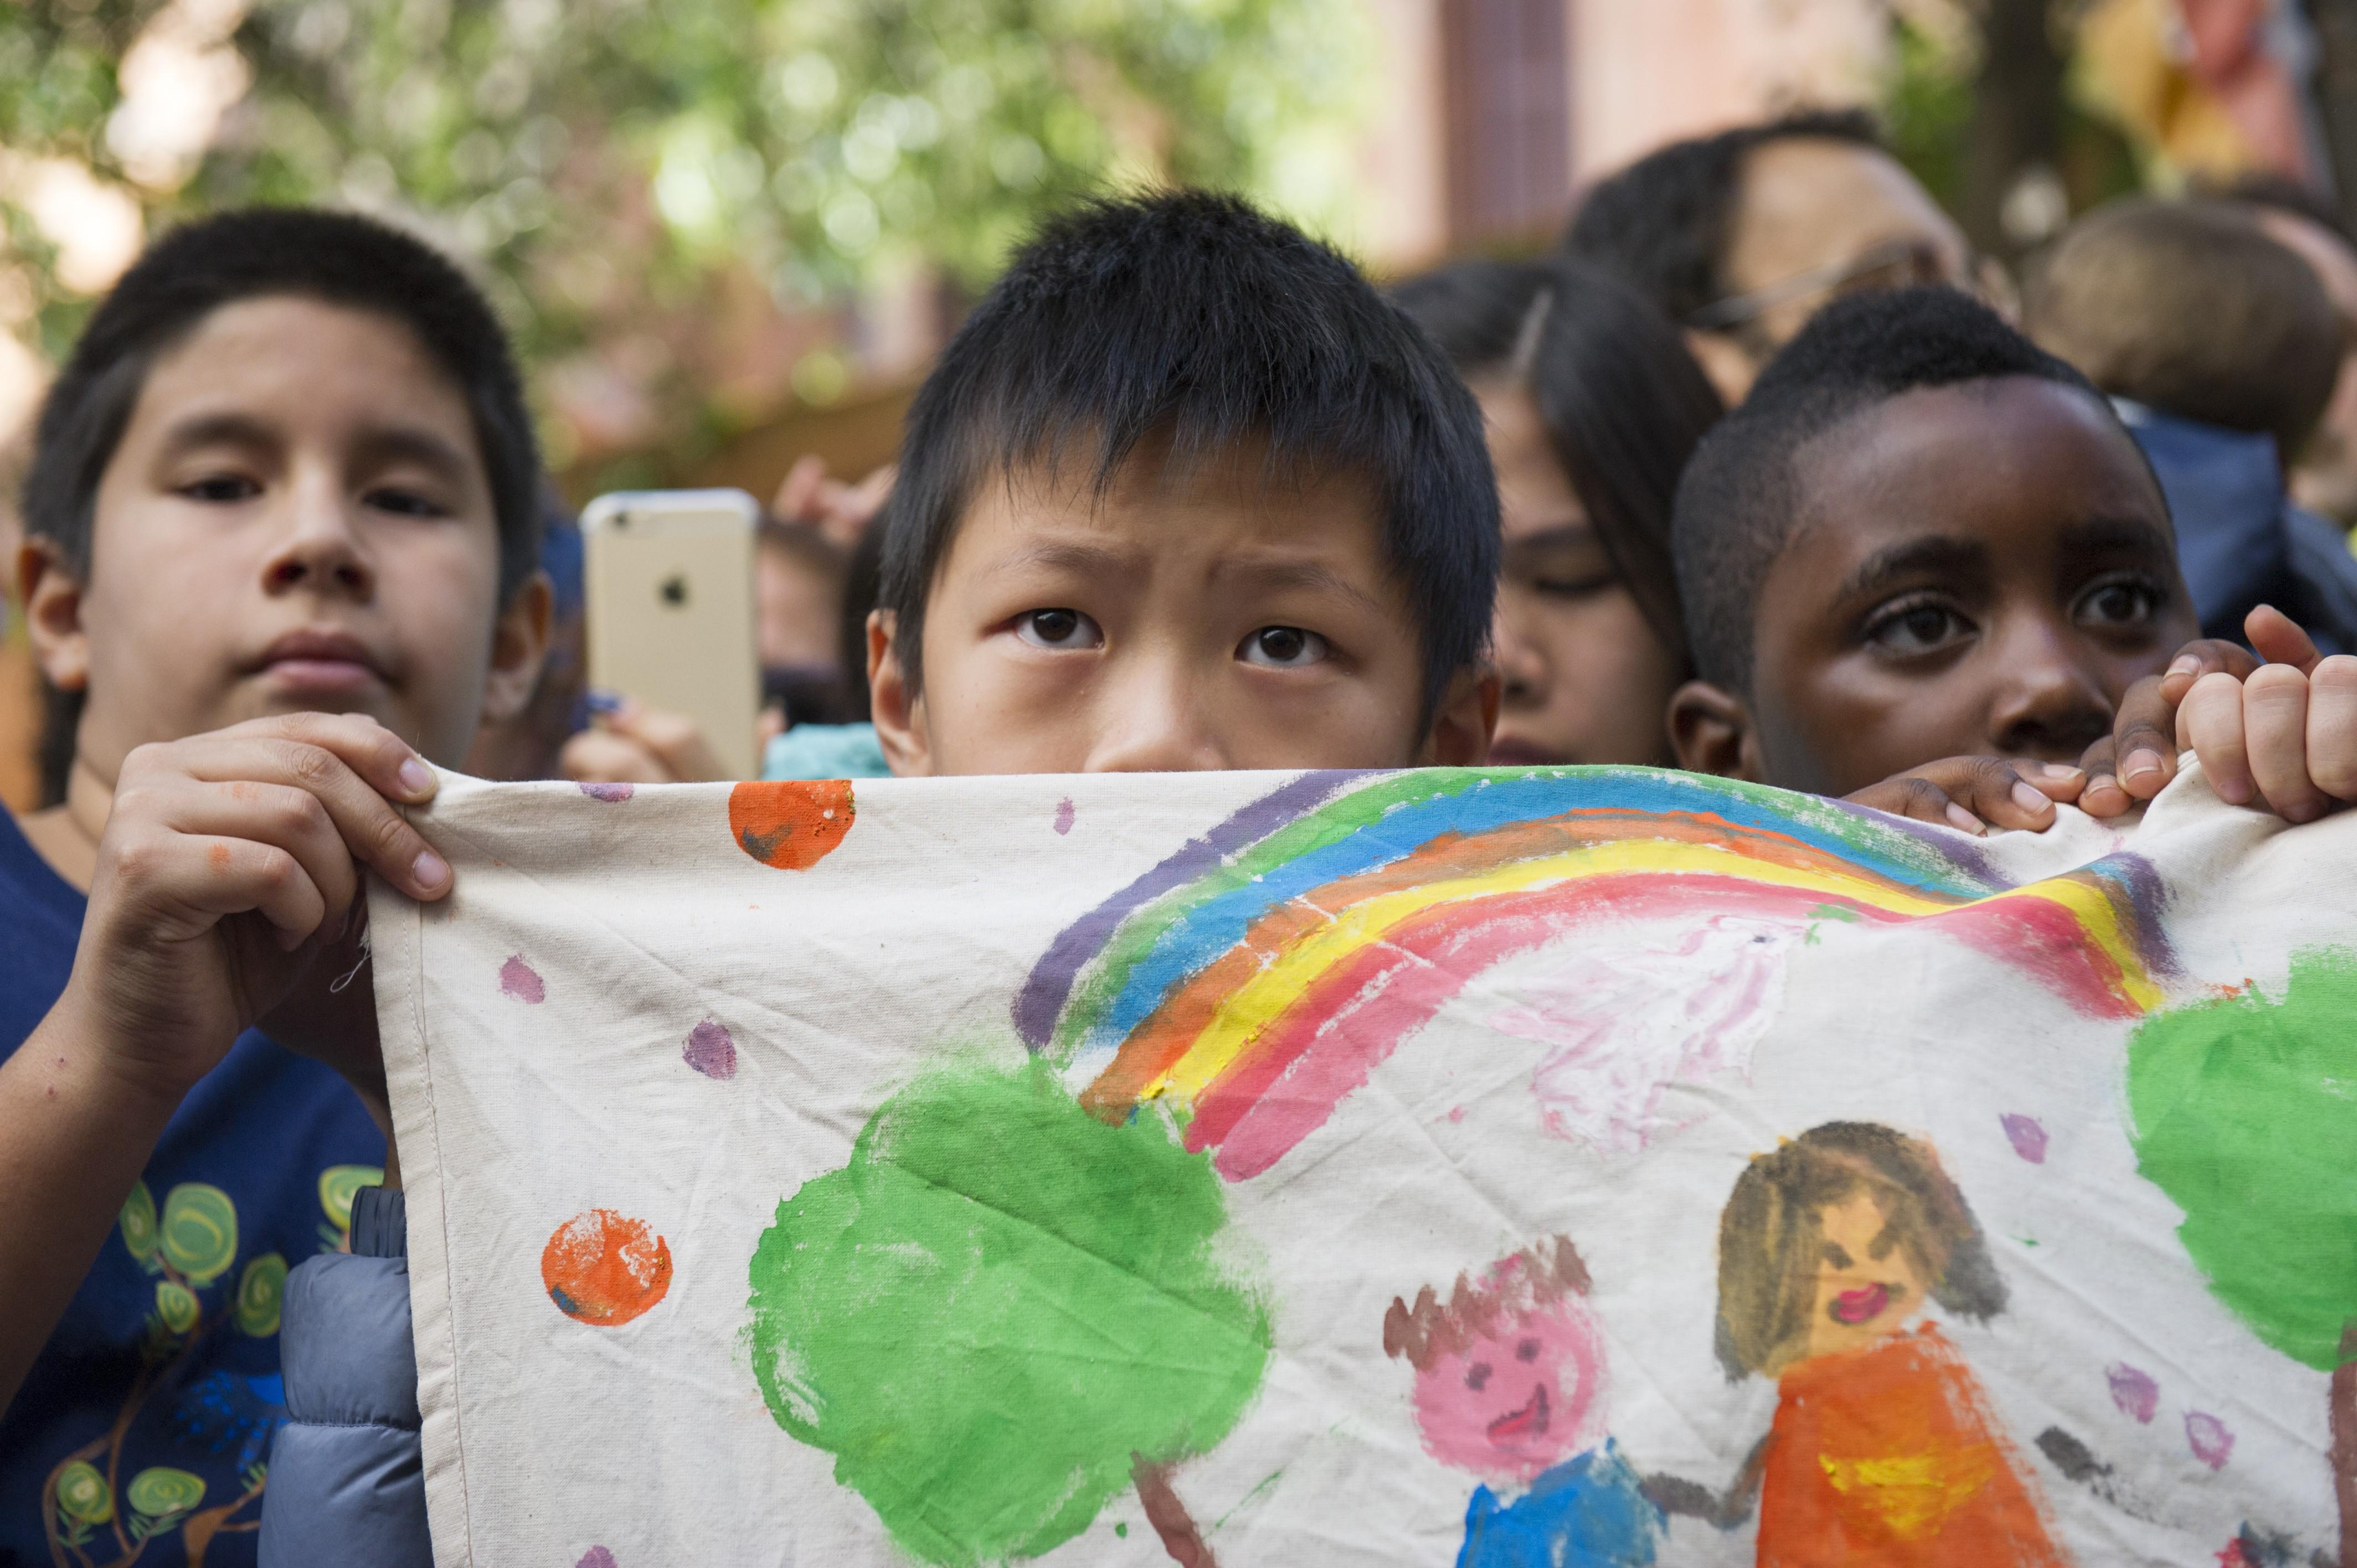 SG visits refugee Reception Centre Tenda di Abramo